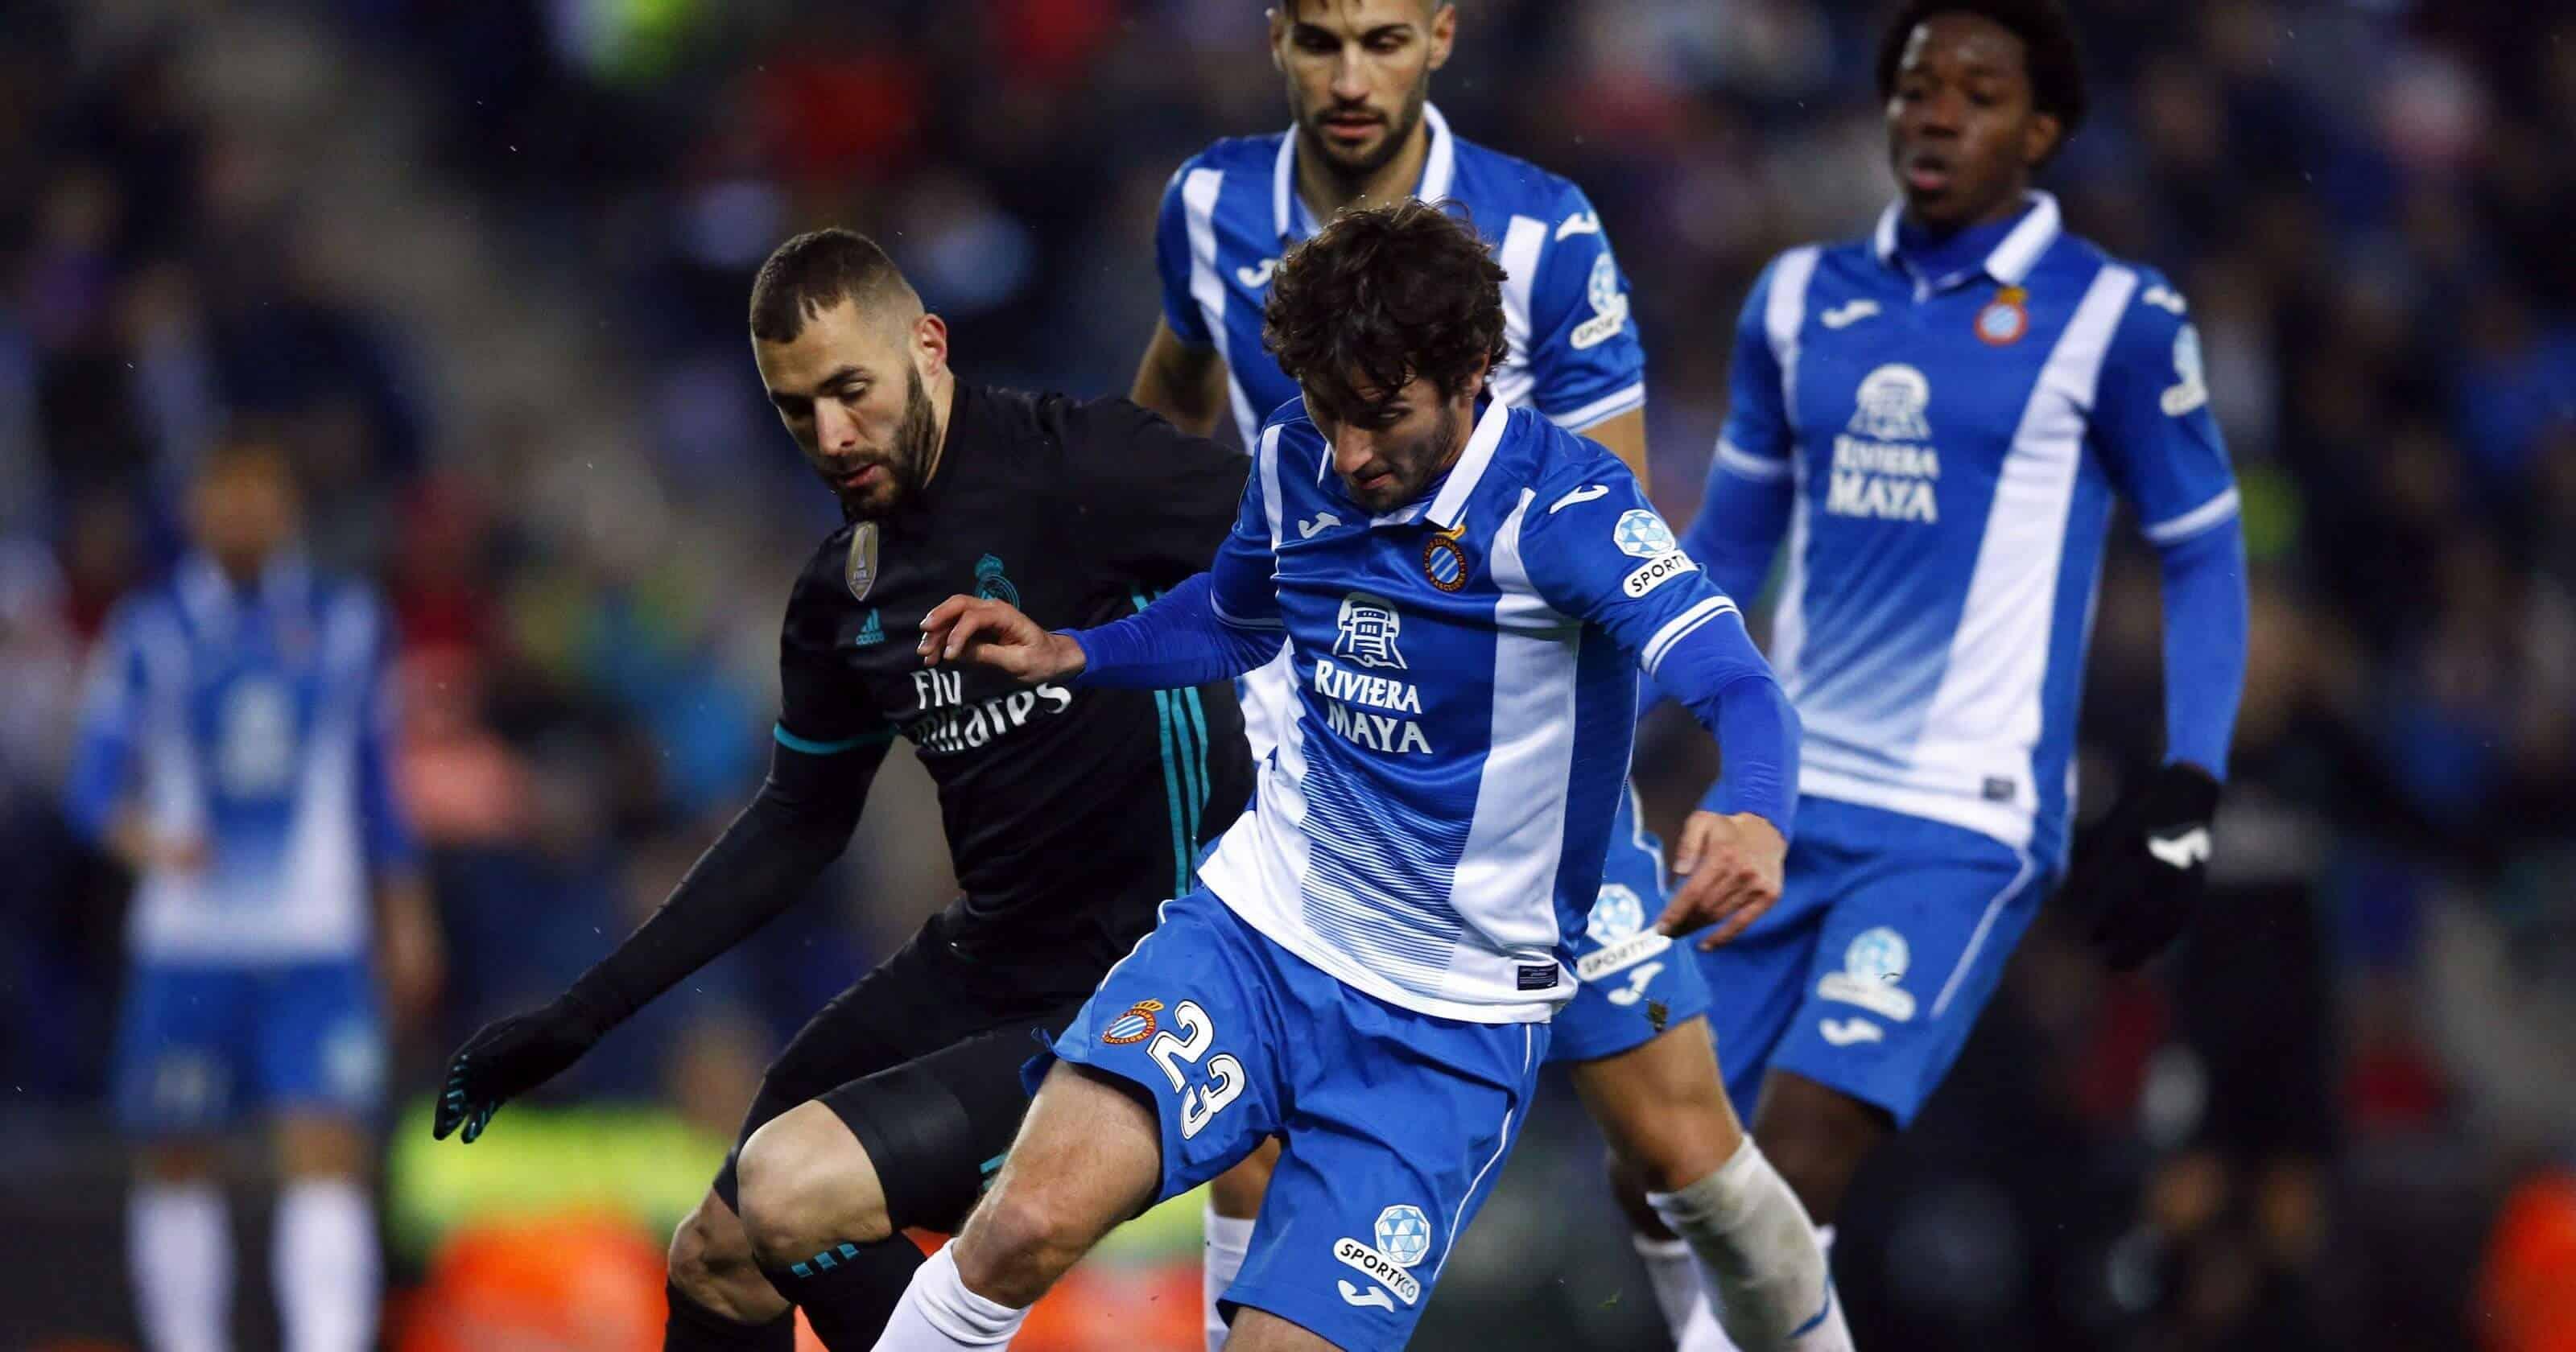 espanyol fc soccer team 2019